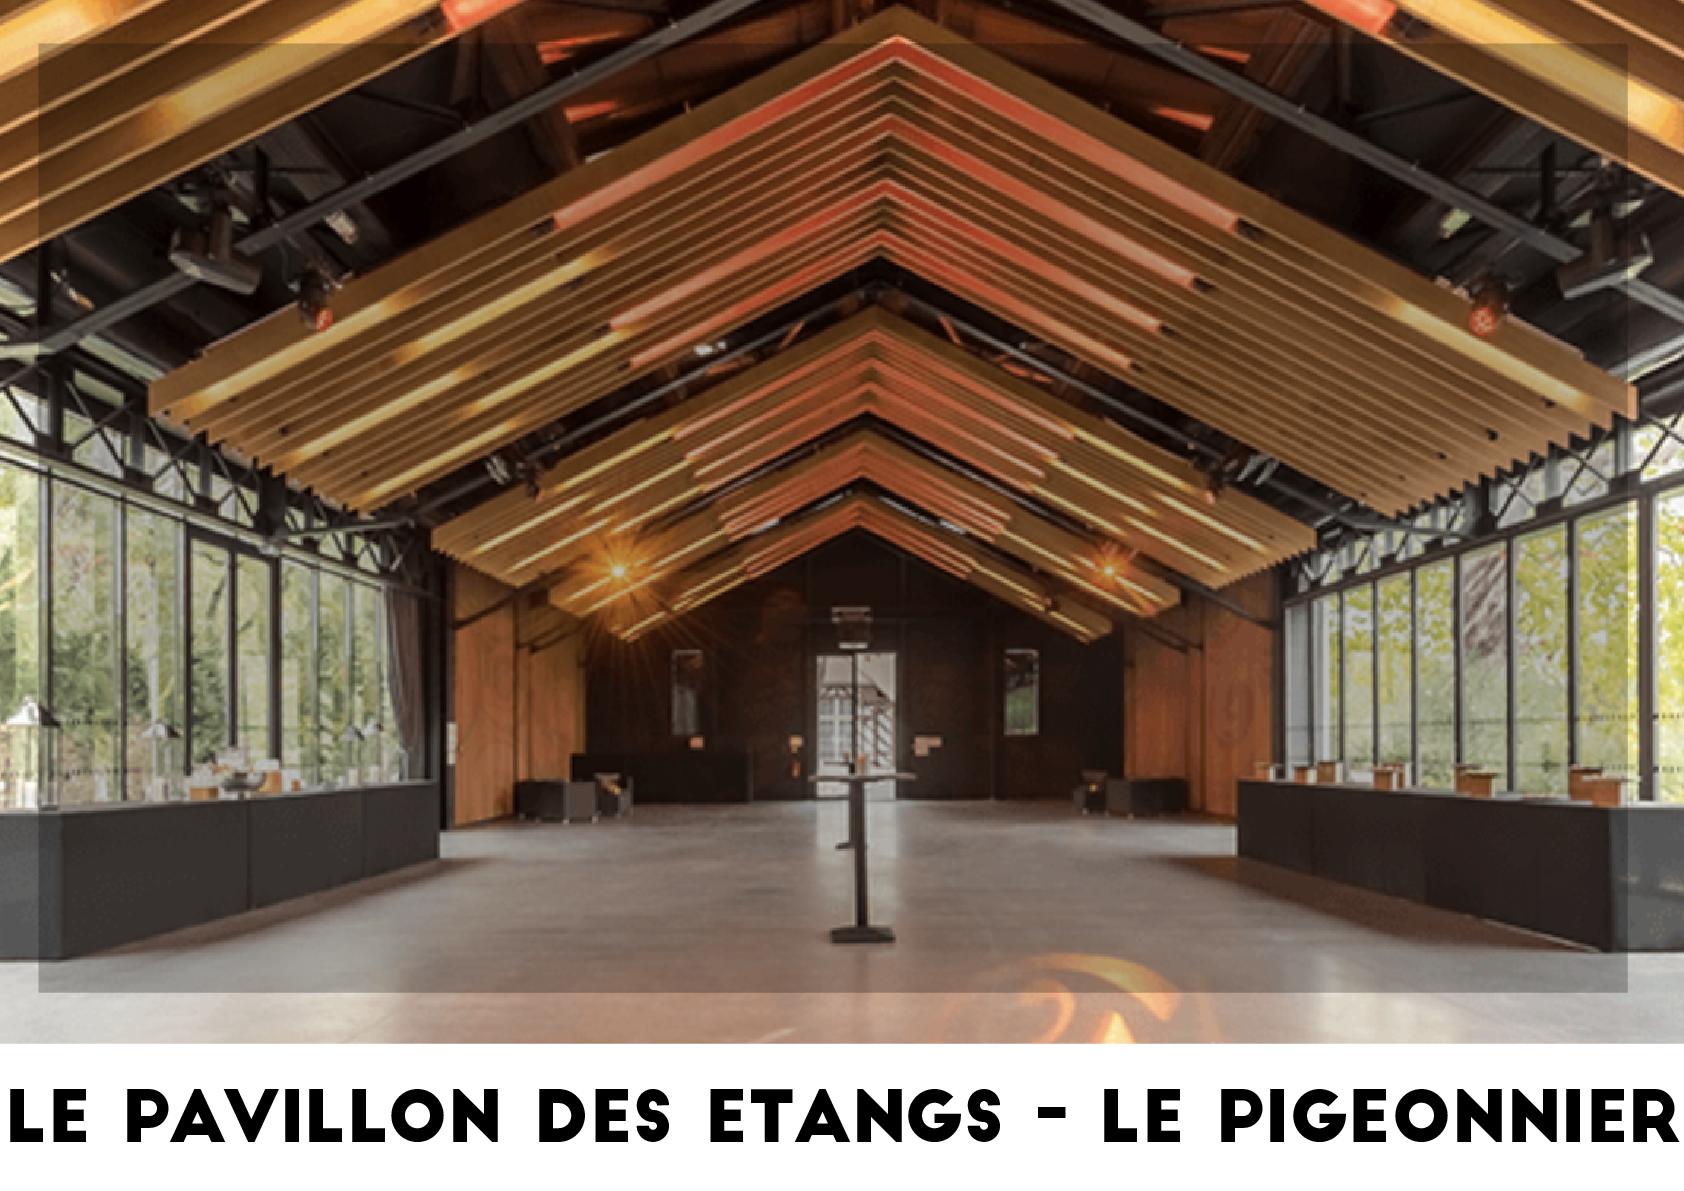 Le Pavillon des Étangs - Le Pigeonnier